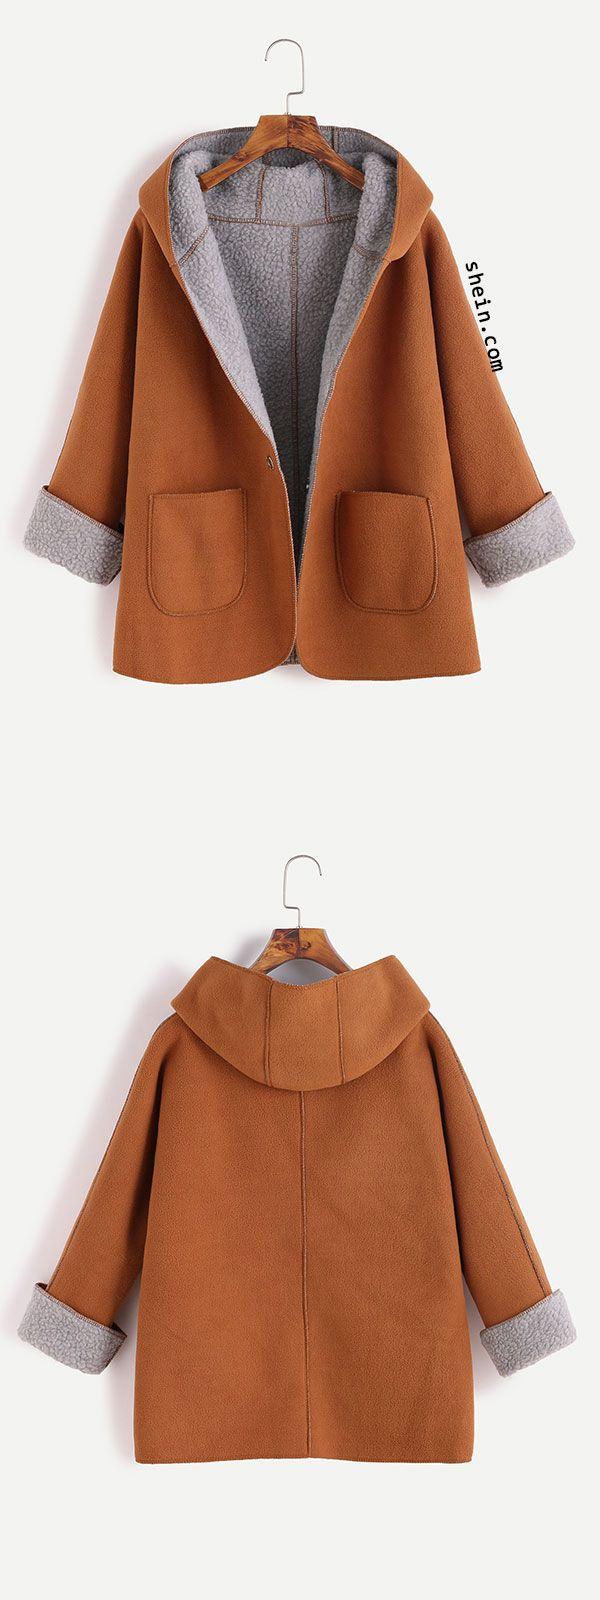 Short length cheap coat for winter.